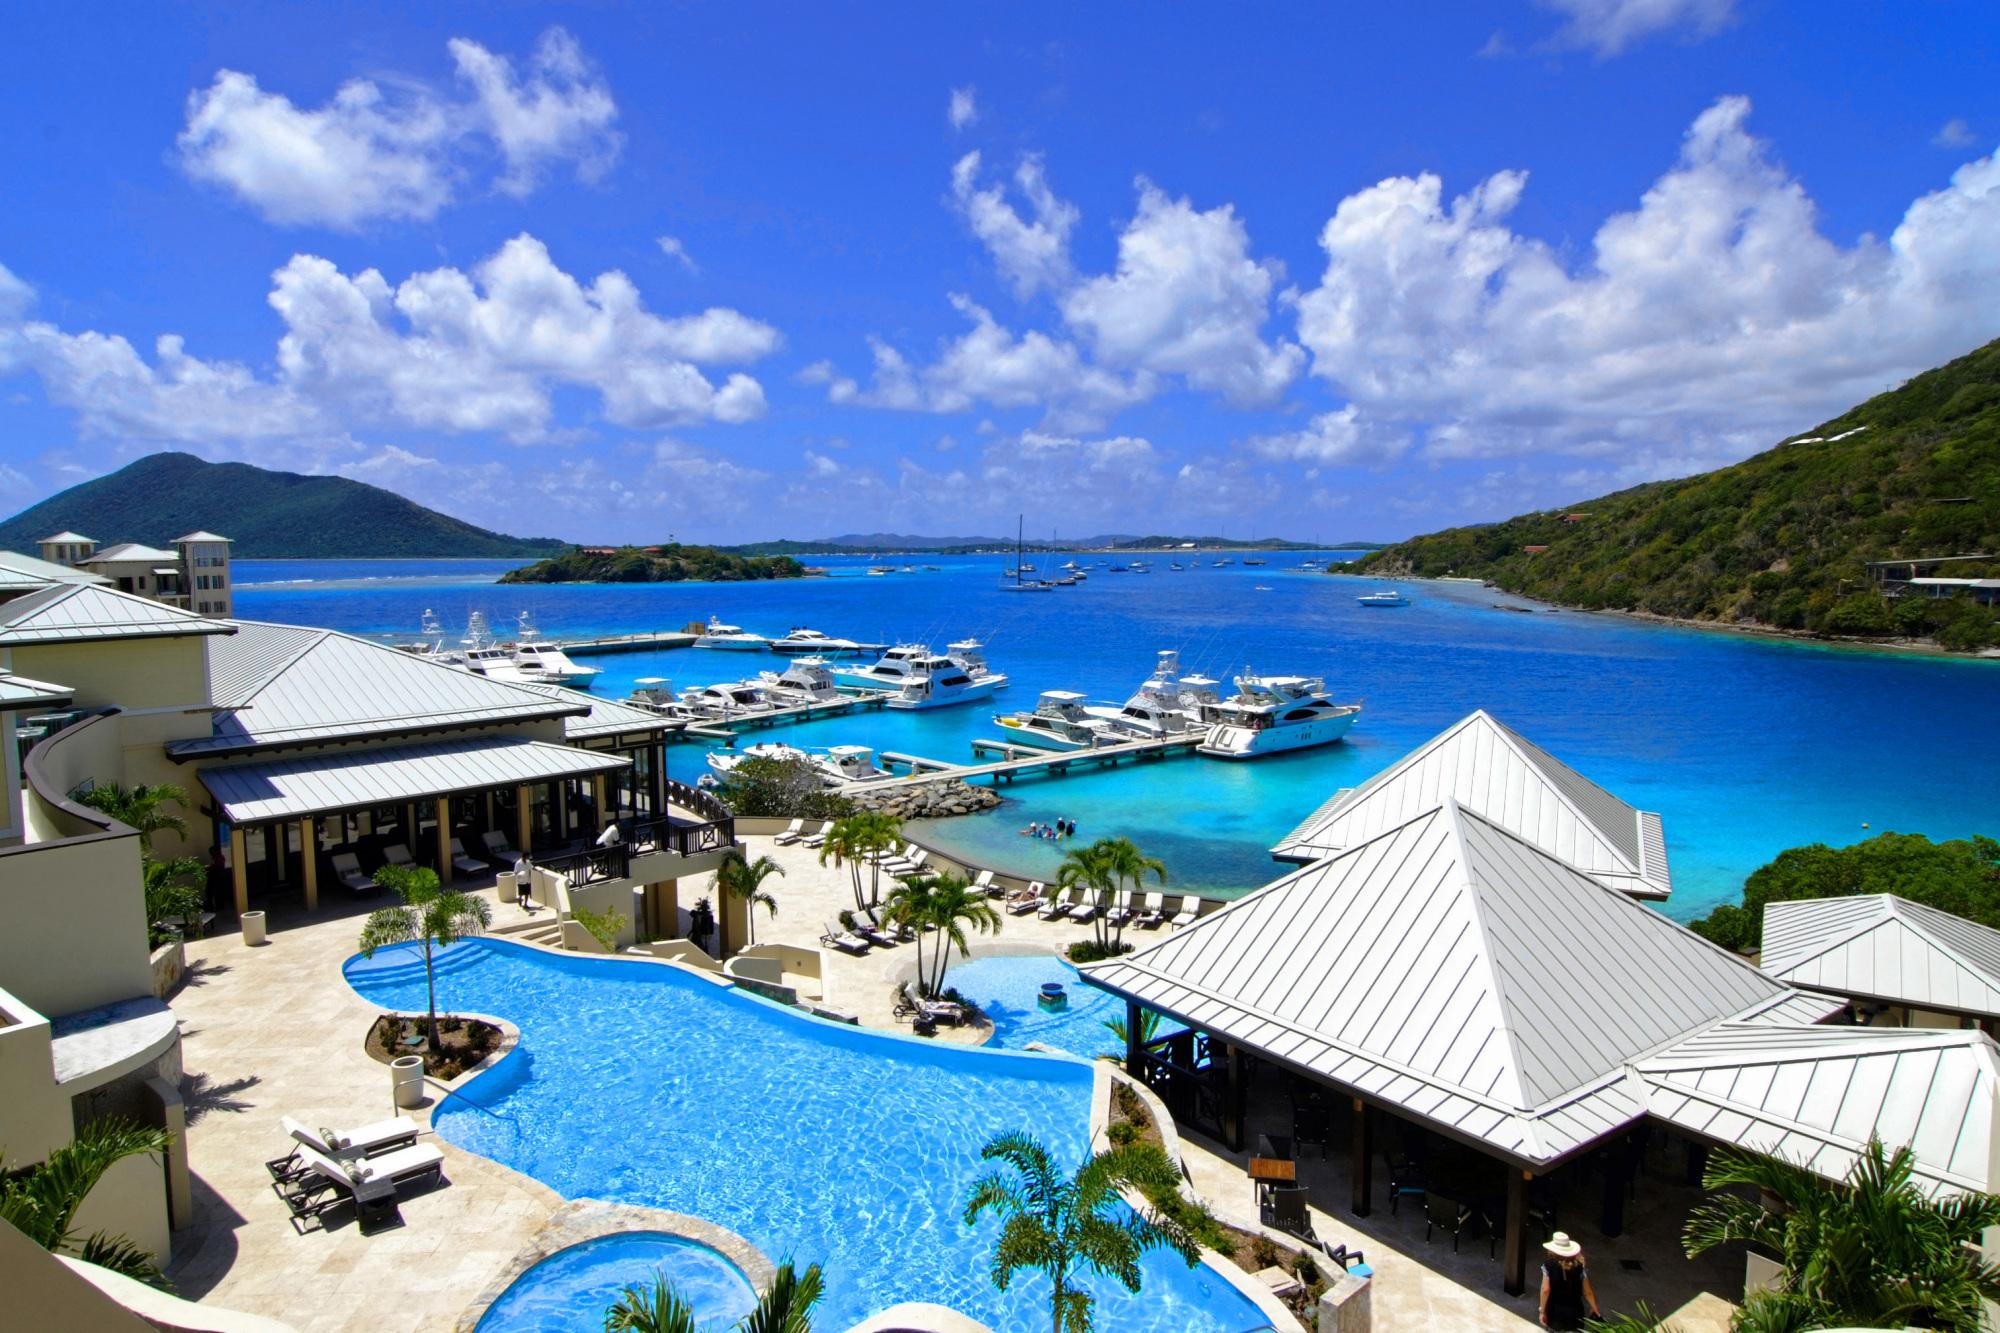 原创             真正的处女群岛:因11000名处女而得名,美国花2500万买下39%群岛